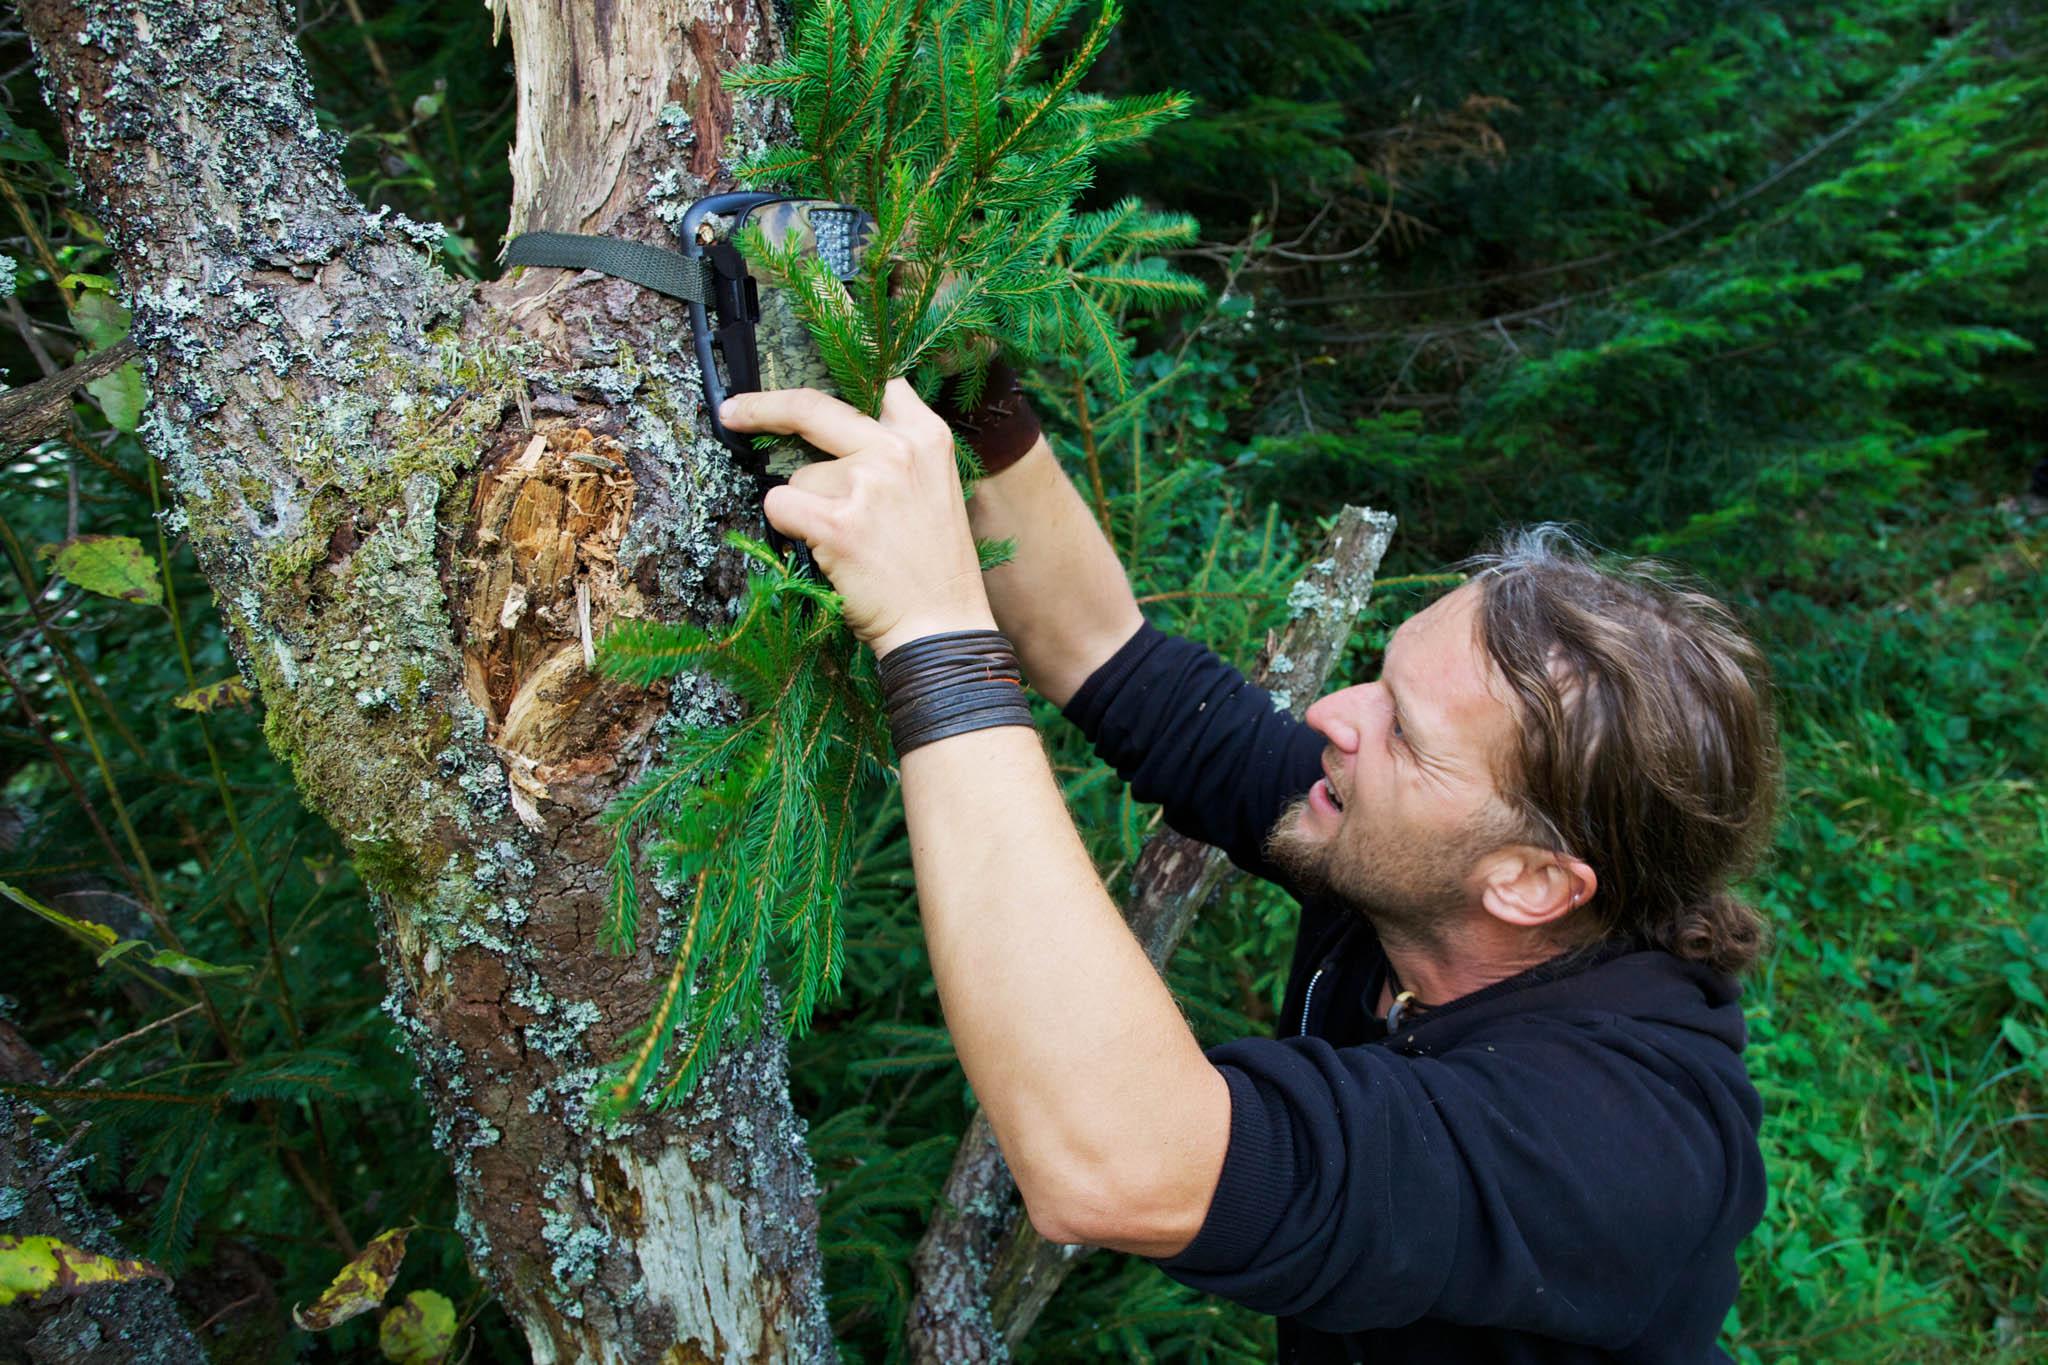 Wildlife biologist Bartosz Pirga mounting an infra-red wildlife monitoring camera